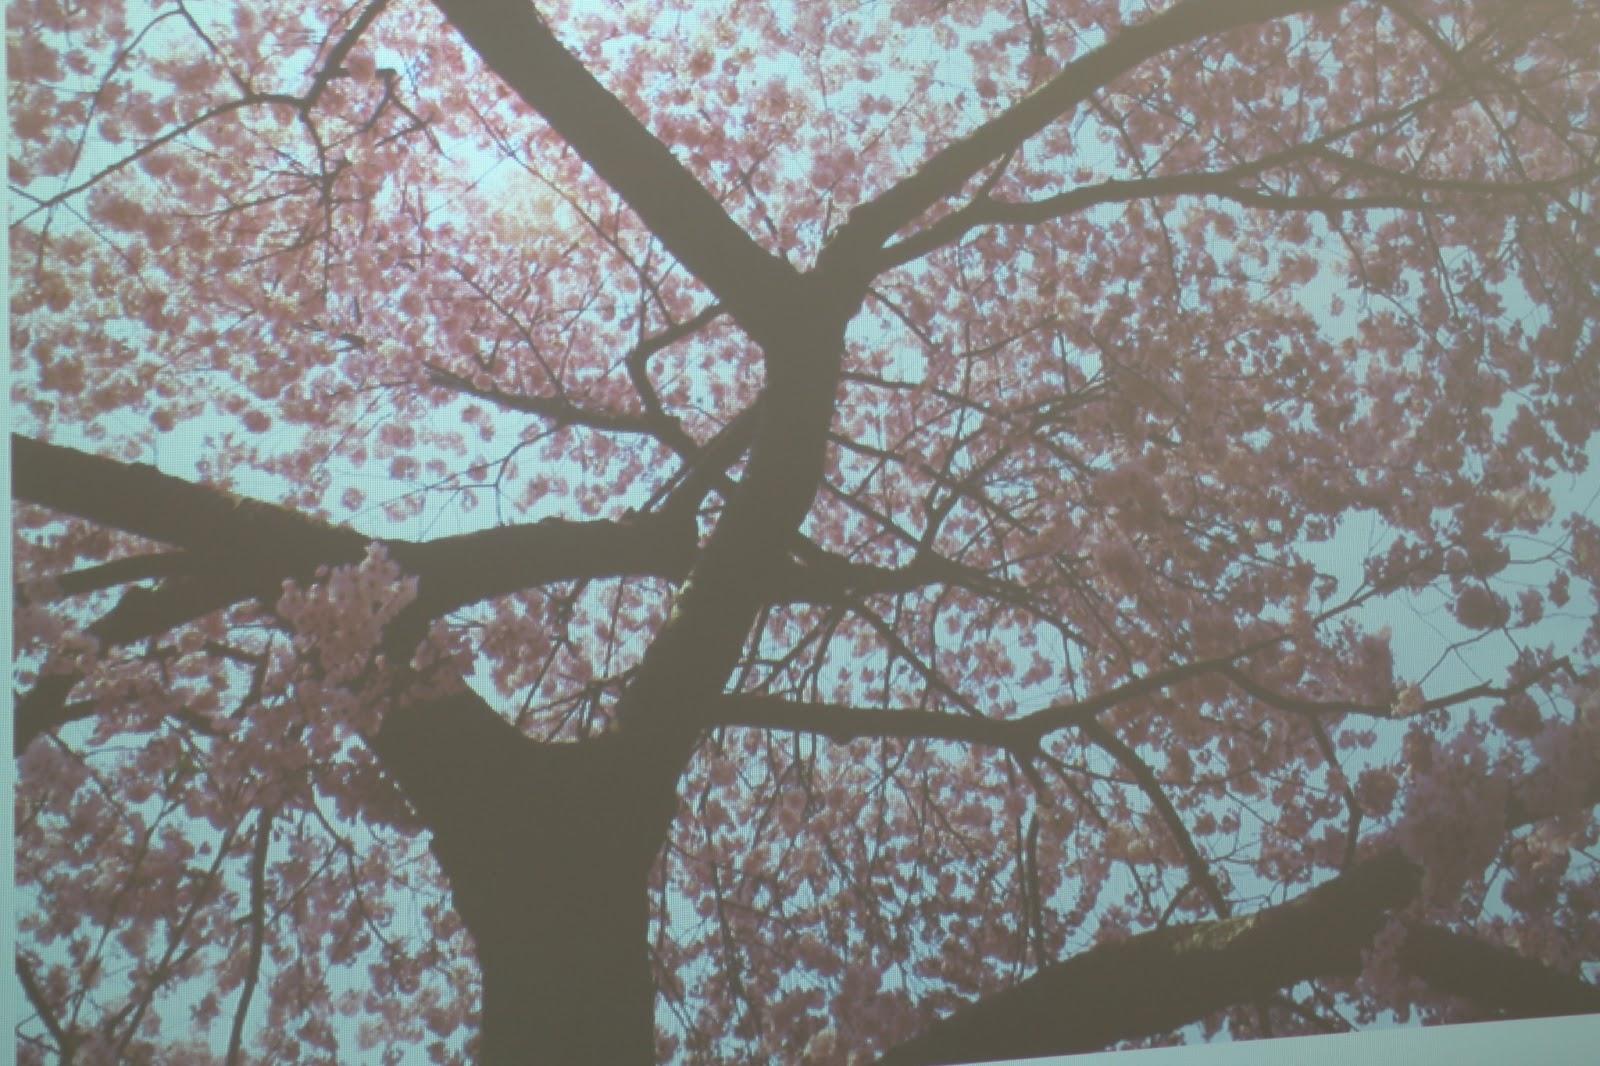 Drawn sakura blossom letter art Kindergarten short using Trees letters